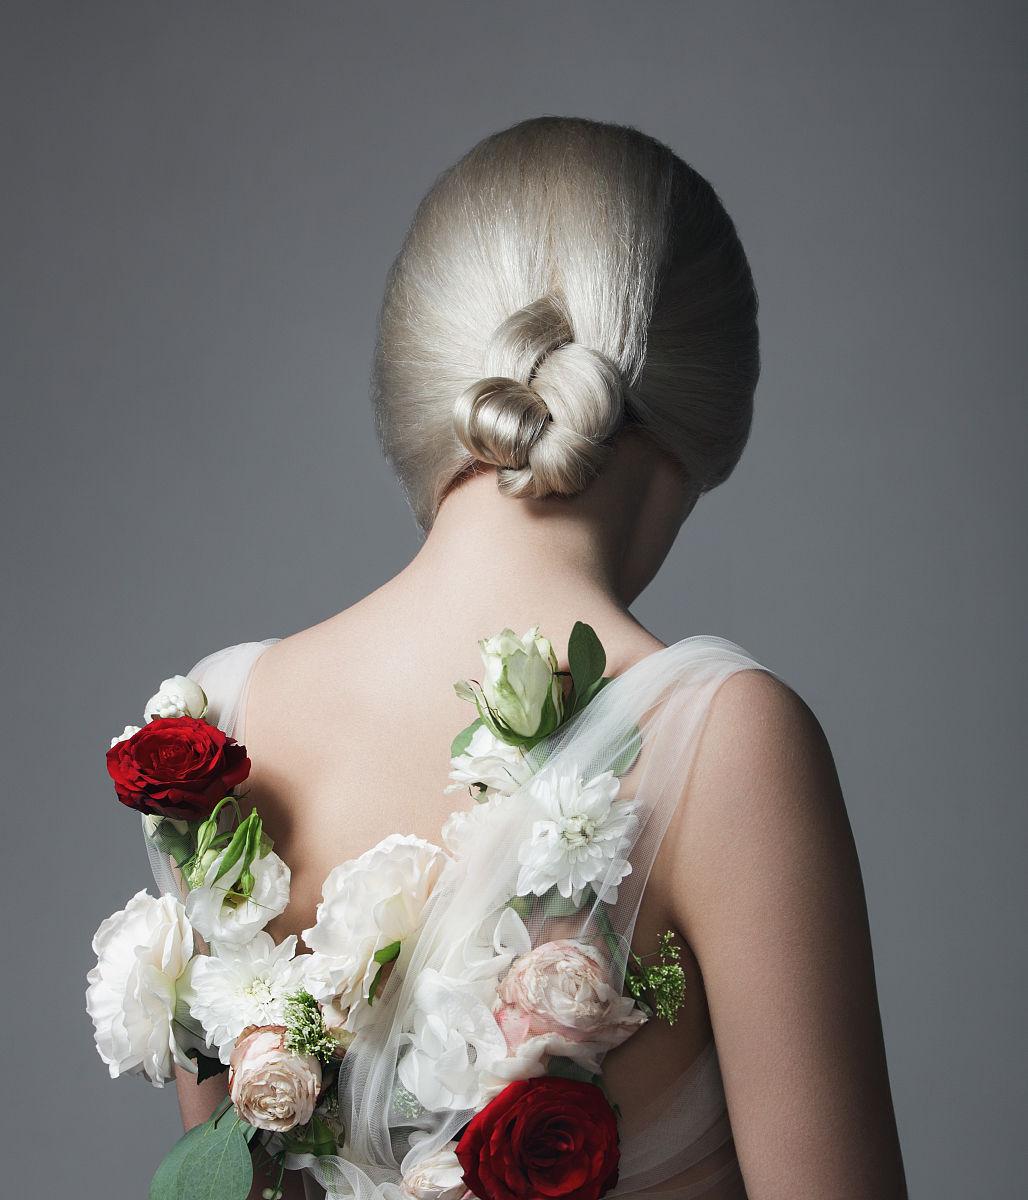 灵感,背面视角,女性特质,仅一朵花,自然美,仅一个青年女人,发型,花图片